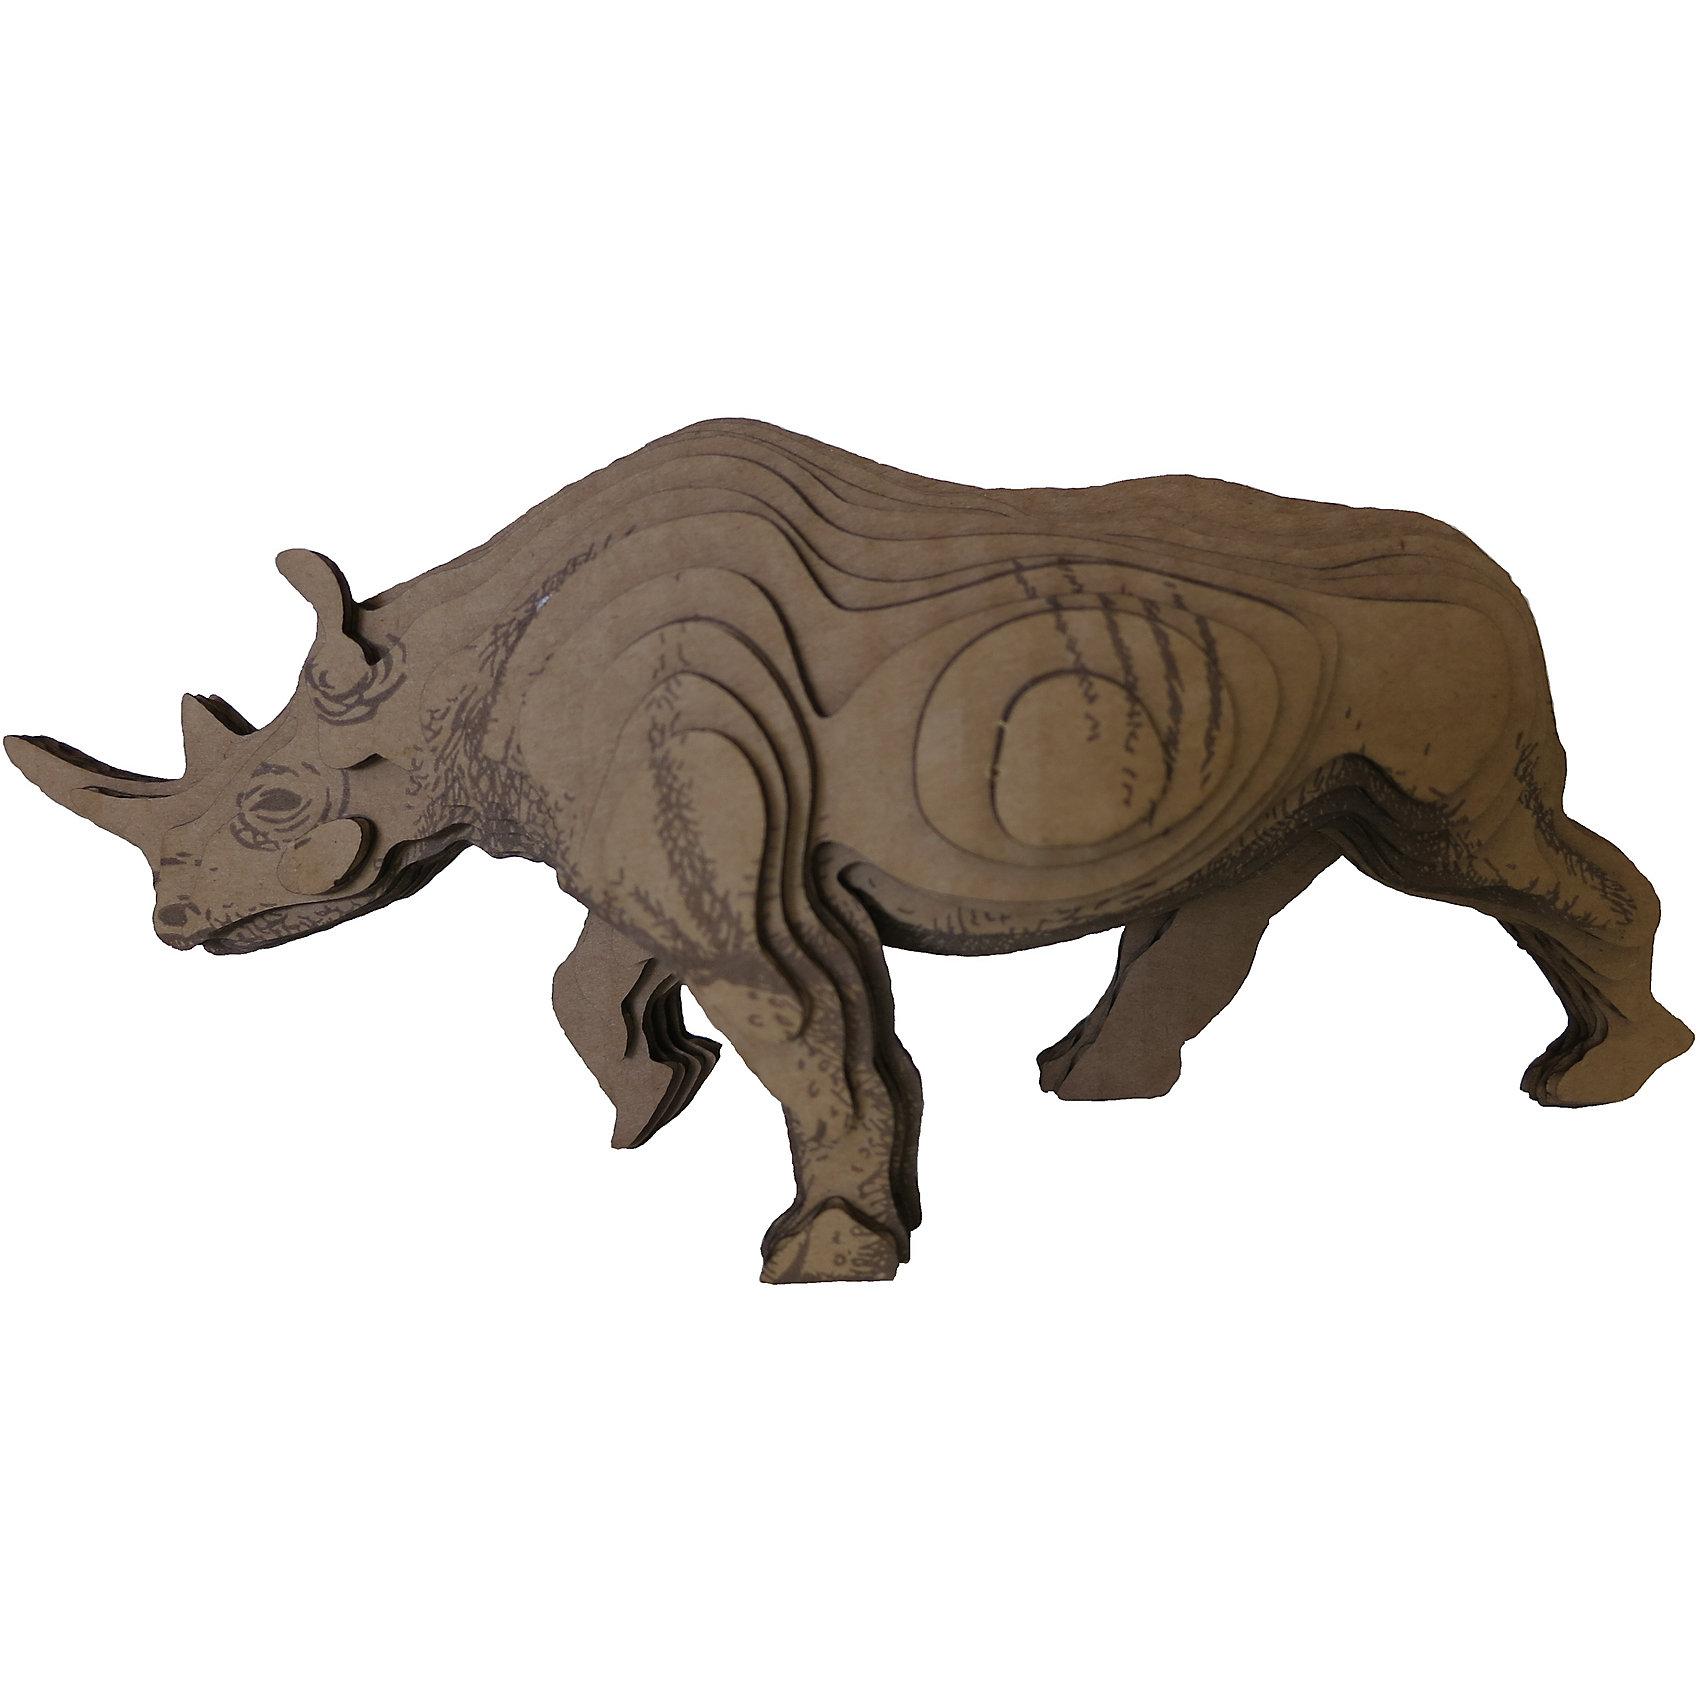 3D-Пазл «Носорог», PandaPuzzleДеревянные пазлы<br>3D-Пазл «Носорог», PandaPuzzle ? головоломка от отечественного торгового бренда, который специализируется на выпуске трехмерных пазлов разной тематики. Все пазлы от PandaPuzzle выполнены из экологически безопасных материалов, имеют продуманный и реалистичный дизайн моделей. Выполненные из гофрокартона детали пазла отличаются легким весом и высокими физическими качествами: плотностью и жесткостью. Модель собирается в технике объемного квиллинга, что подразумевает склеивание деталей пазла между собой.  Собирая модели в данной технике, у ребенка развивается логическое мышление и мелкая моторика рук, тренируется зрительная память и внимательность. В каждый набор входит клей для склеивания деталей и инструкция по сбору модели. <br>3D-Пазл «Носорог», PandaPuzzle упакован в стилизованную картонную коробку.<br><br>Дополнительная информация:<br><br>- Вид игр: игры-головоломки, сюжетно-ролевые<br>- Предназначение: для дома, для развивающих центров, для центров дополнительного образования<br>- Материал: гофрокартон<br>- Комплектация: 38 деталей, клей, инструкция<br>- Размер (Д*Ш*В): 19,5*9*26 см<br>- Вес: 227 г <br>- Пол: для мальчика/для девочки<br>- Особенности ухода: разрешается сухая чистка собранной модели<br><br>Подробнее:<br><br>• Для детей в возрасте: от 5 лет и до 16 лет<br>• Страна производитель: Россия<br>• Торговый бренд: PandaPuzzle<br><br>3D-Пазл «Носорог», PandaPuzzle можно купить в нашем интернет-магазине.<br><br>Ширина мм: 195<br>Глубина мм: 90<br>Высота мм: 260<br>Вес г: 227<br>Возраст от месяцев: 60<br>Возраст до месяцев: 192<br>Пол: Унисекс<br>Возраст: Детский<br>SKU: 4932398